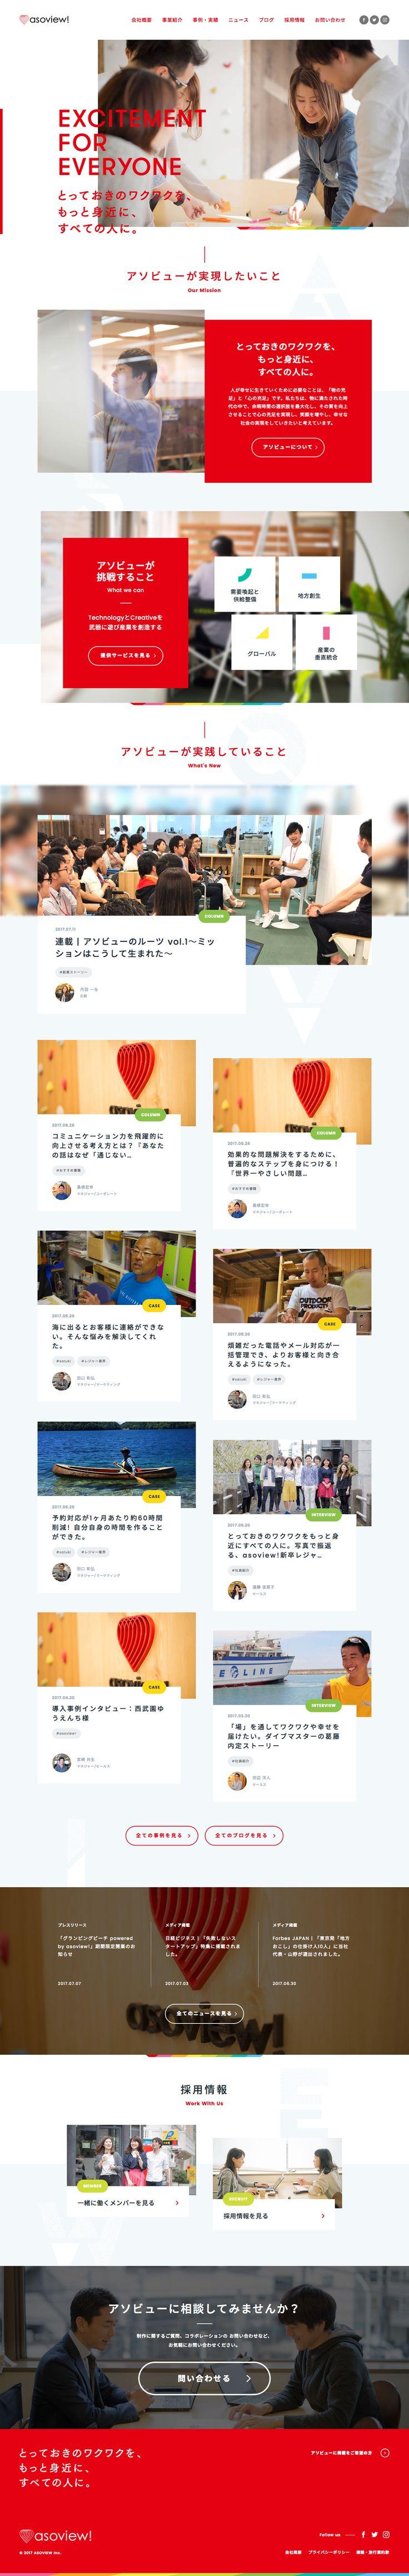 アソビュー株式会社 : 81-web.com【Webデザイン リンク集】